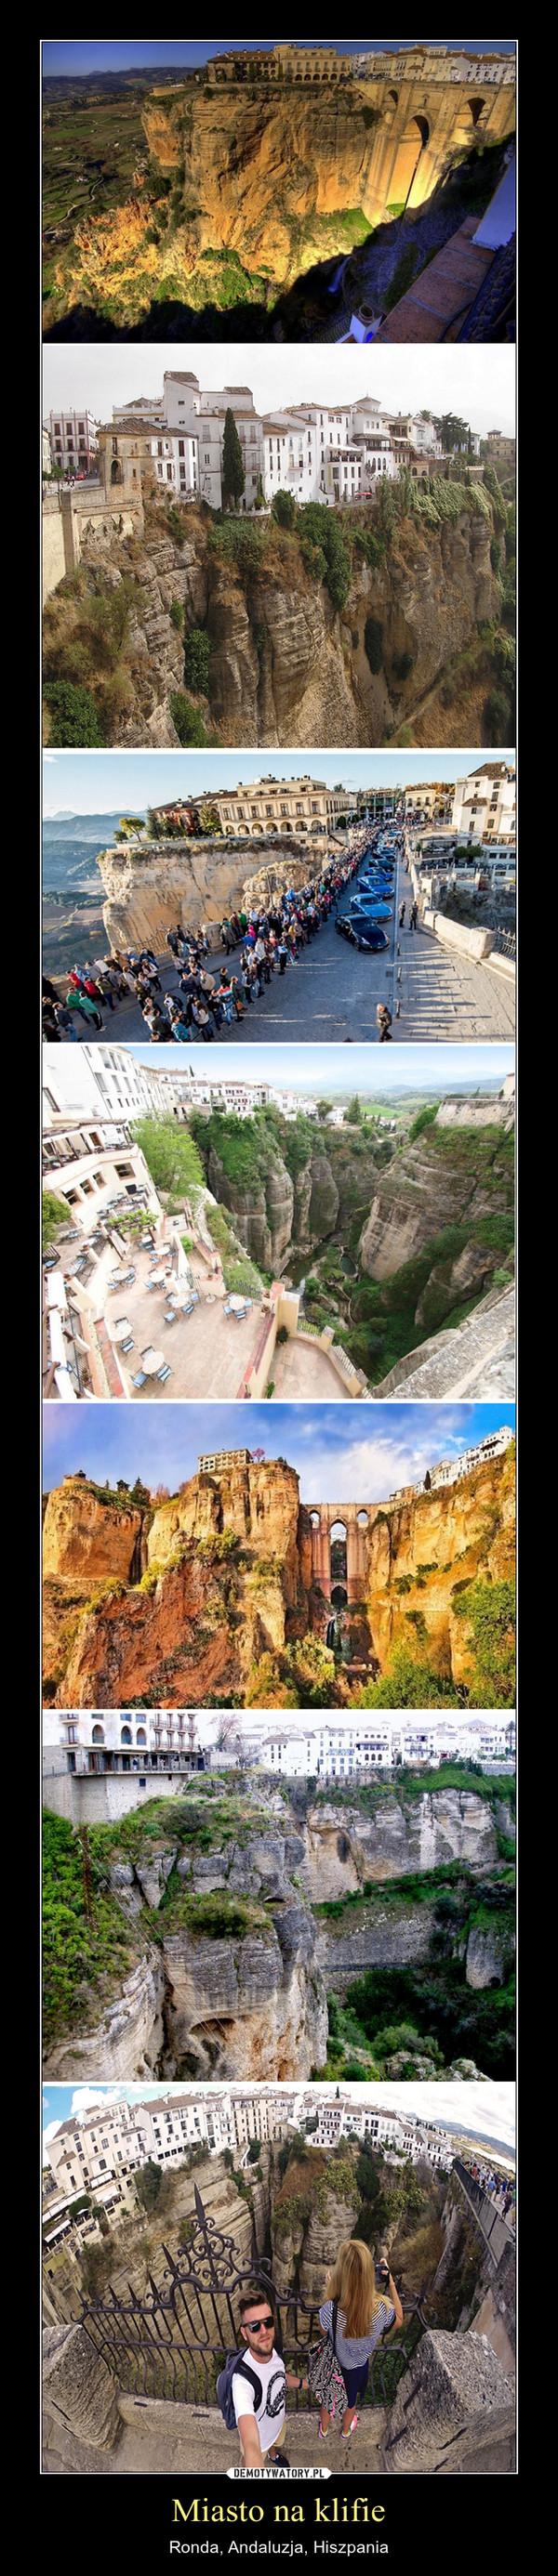 Miasto na klifie – Ronda, Andaluzja, Hiszpania